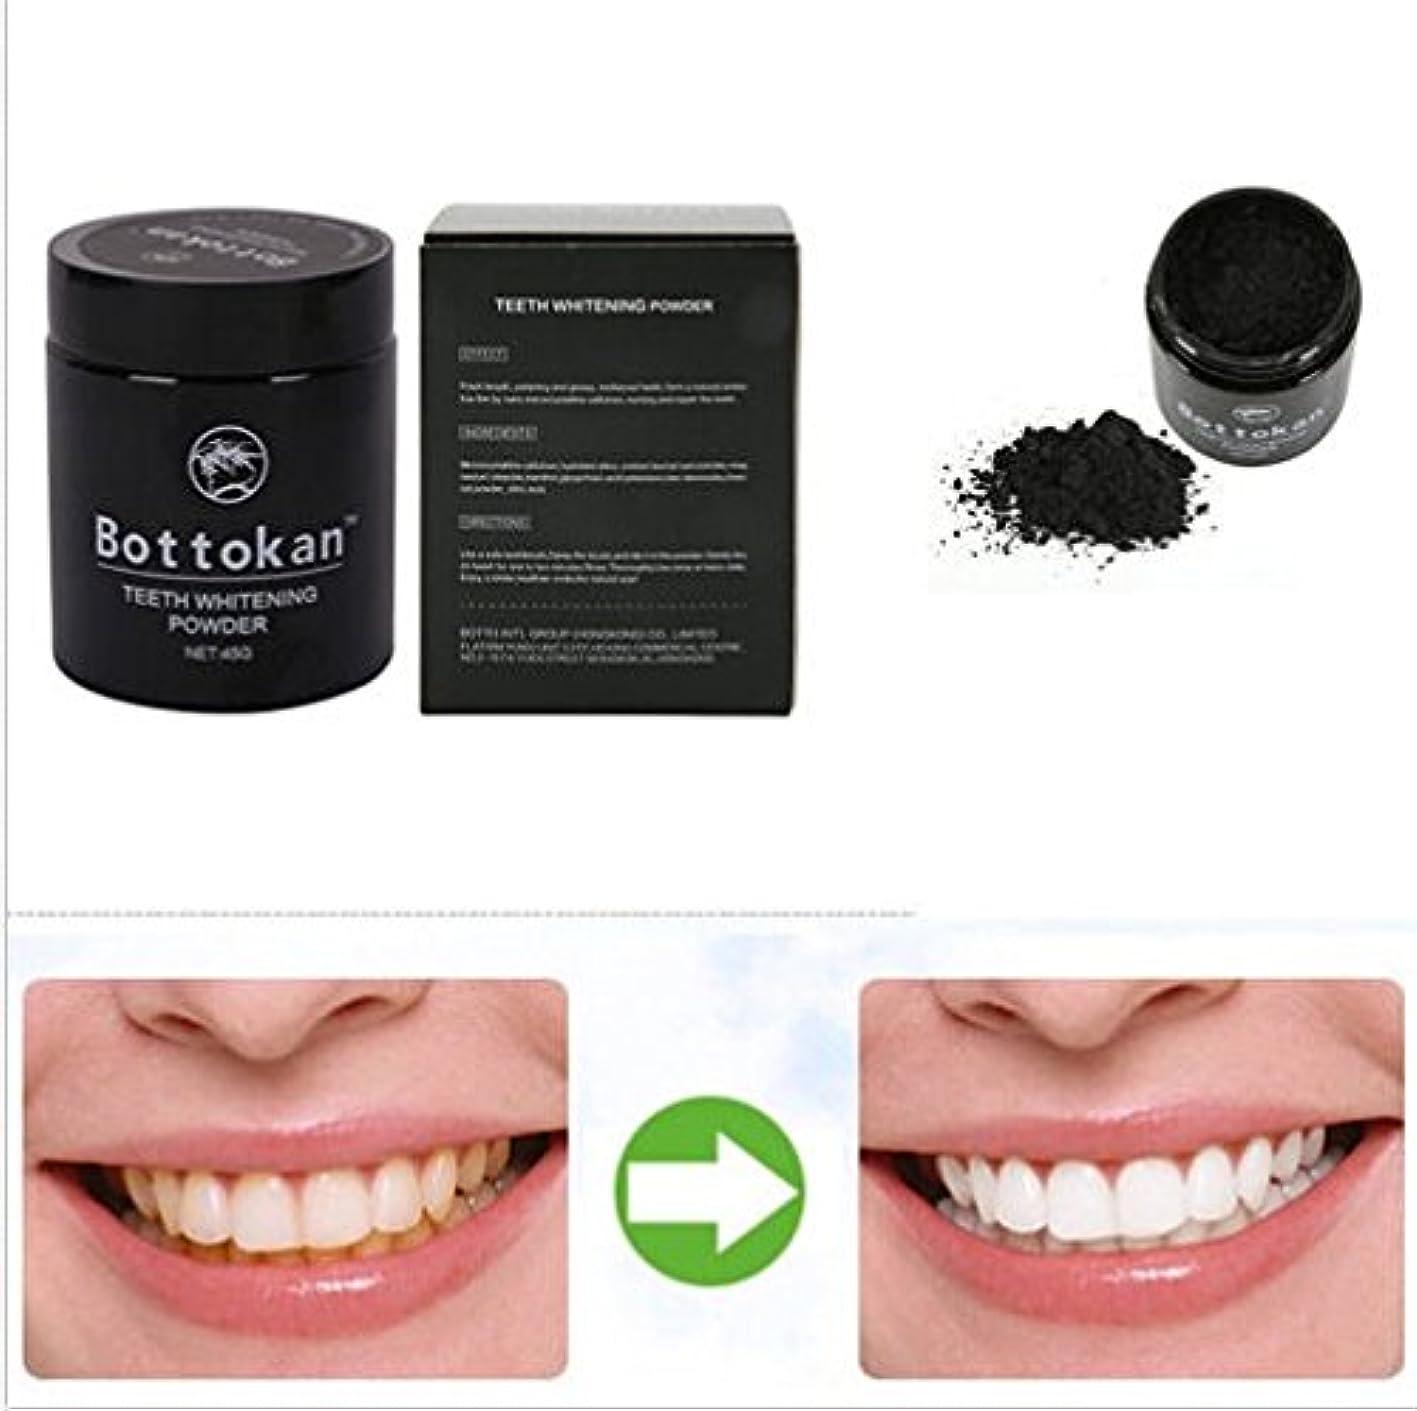 動機付ける文字びっくり歯磨きパウダー 食べる活性炭 チャコールパーティクル 竹炭パウダー 45g 黒缶